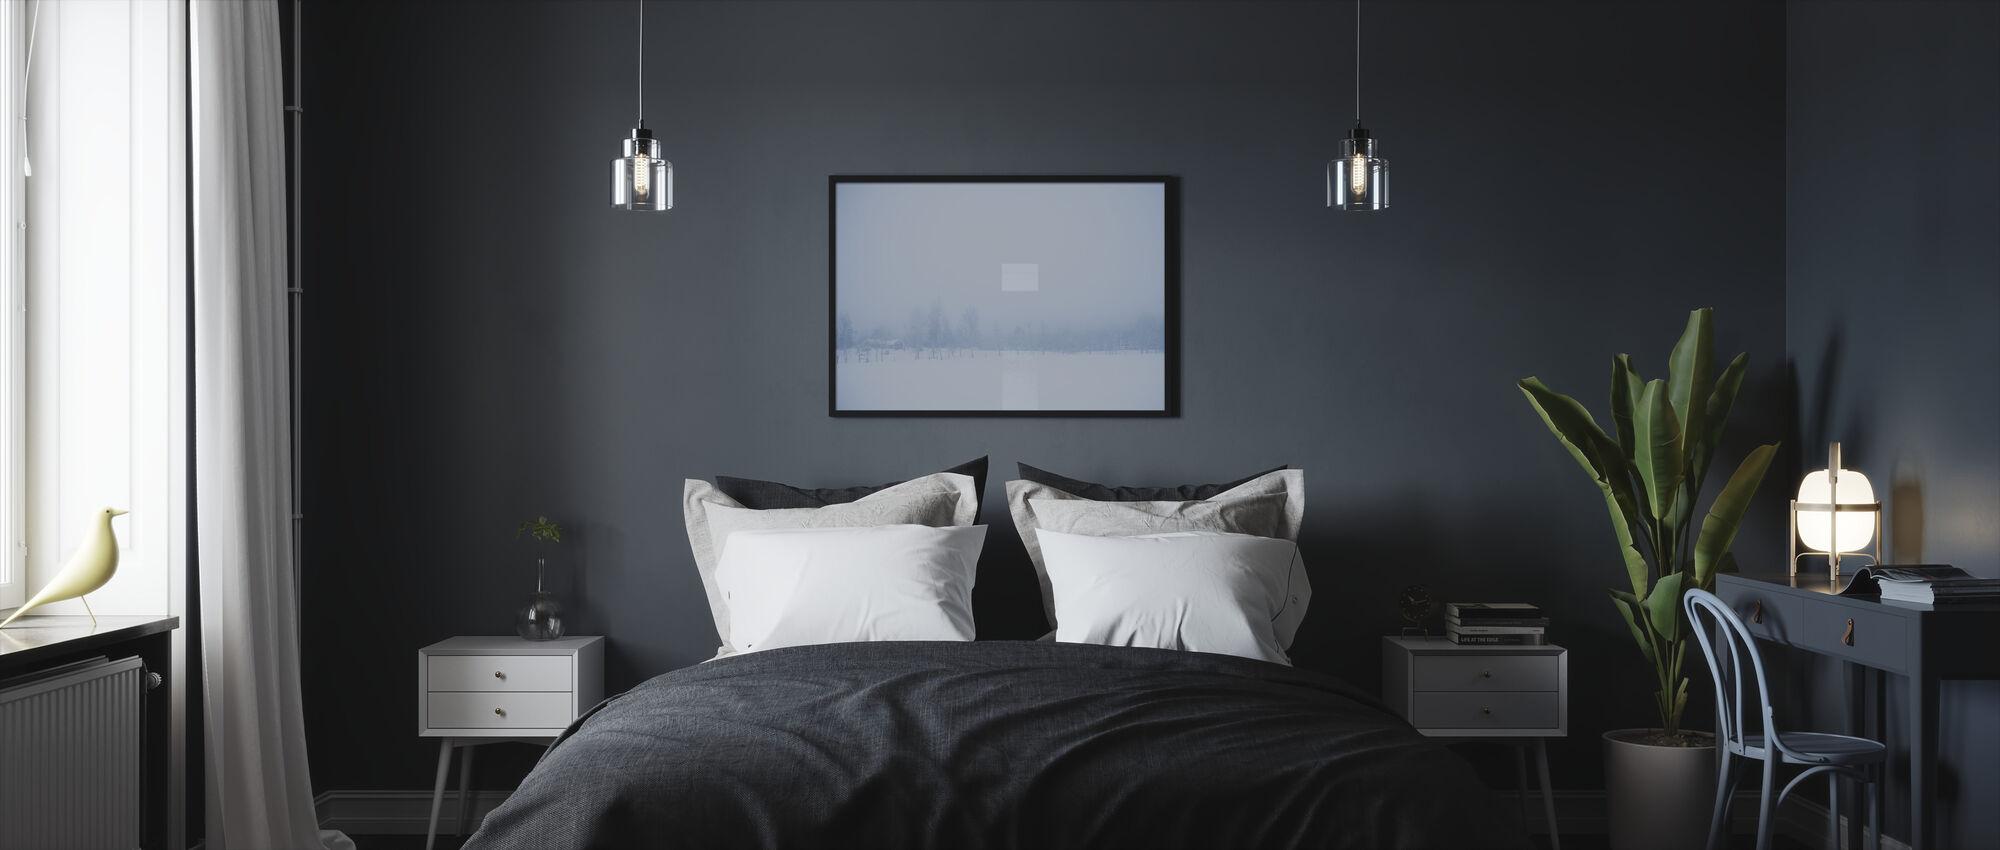 Filipshyttan covered in Fog, Sweden, Europe - Framed print - Bedroom